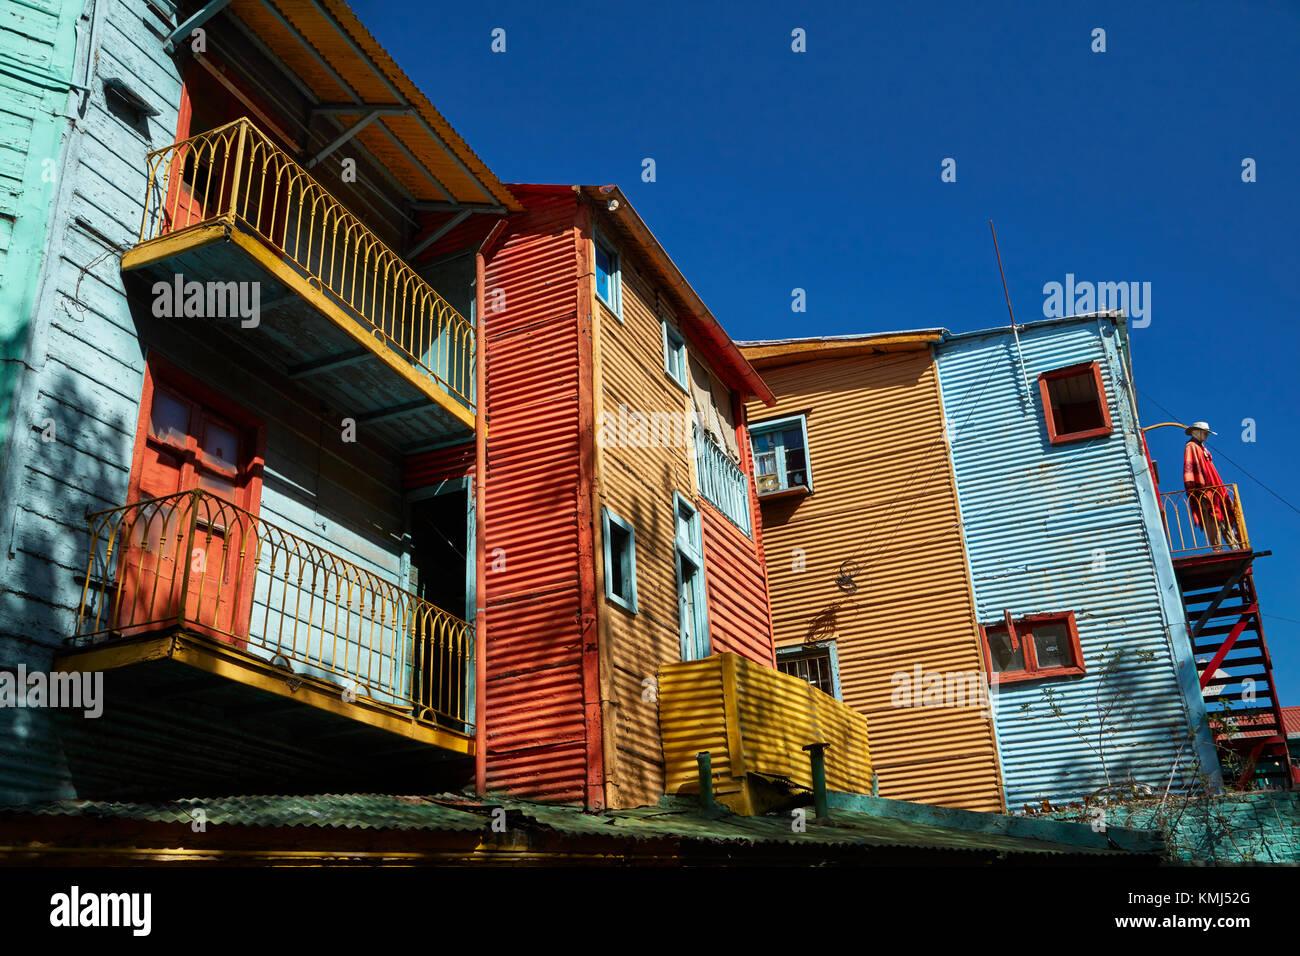 Los edificios en el caminito, la boca, buenos aires, argentina, SUDAMÉRICA Foto de stock